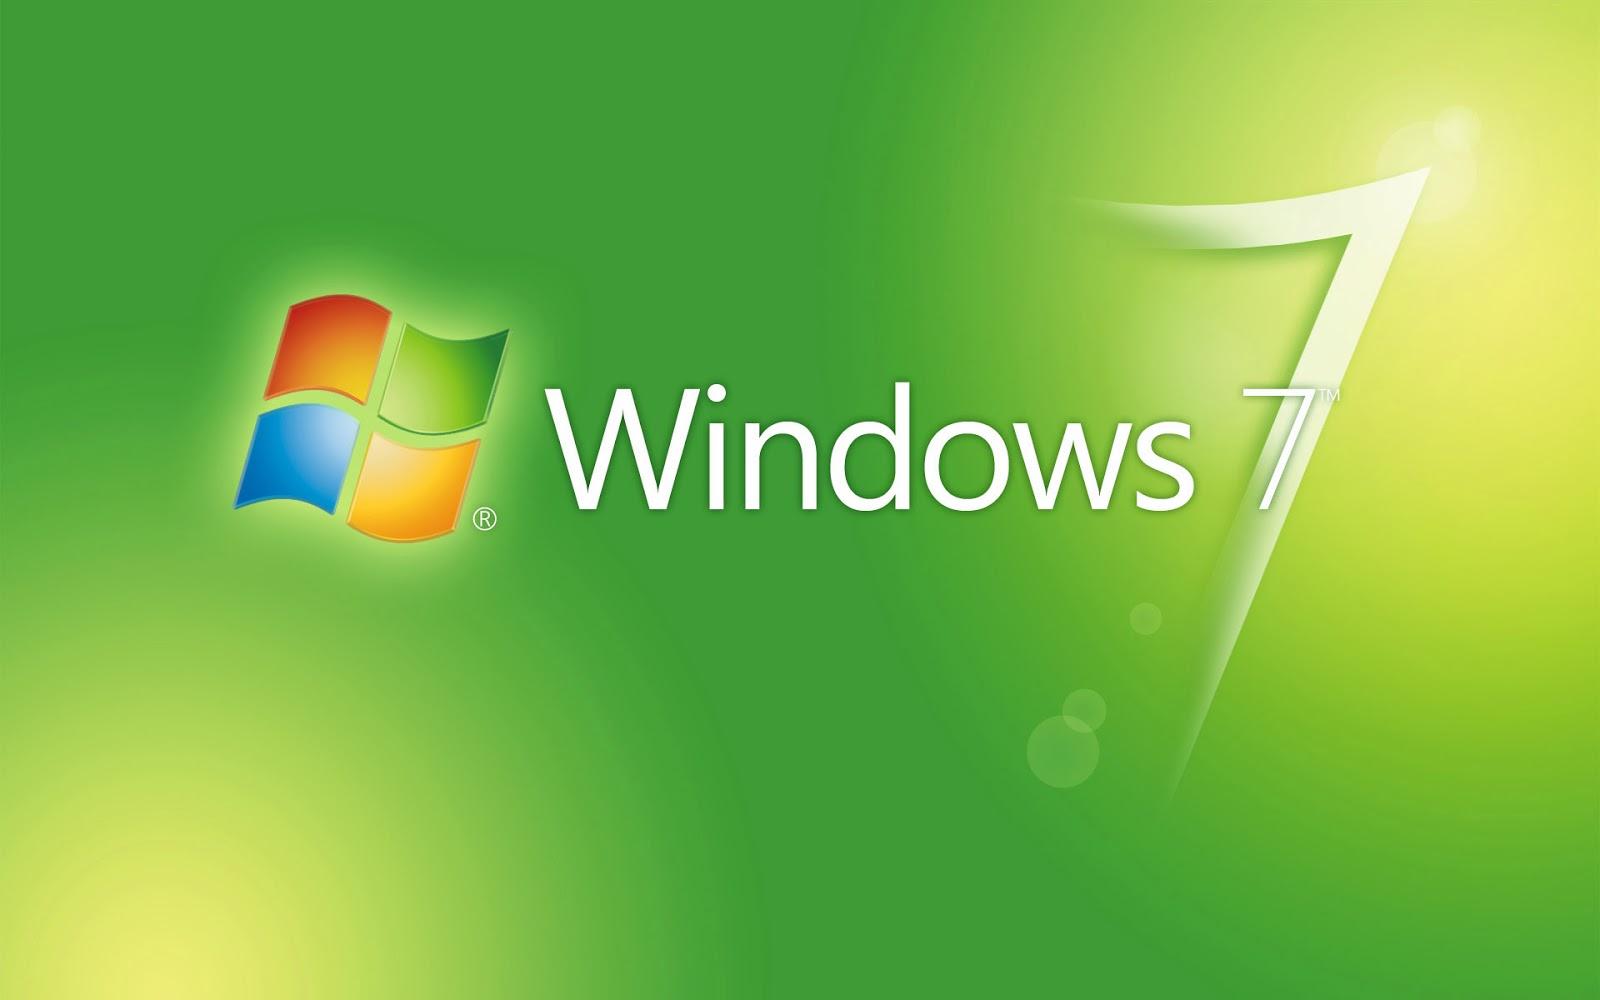 Download Tema Keren Windows 7 Terbaru 2013